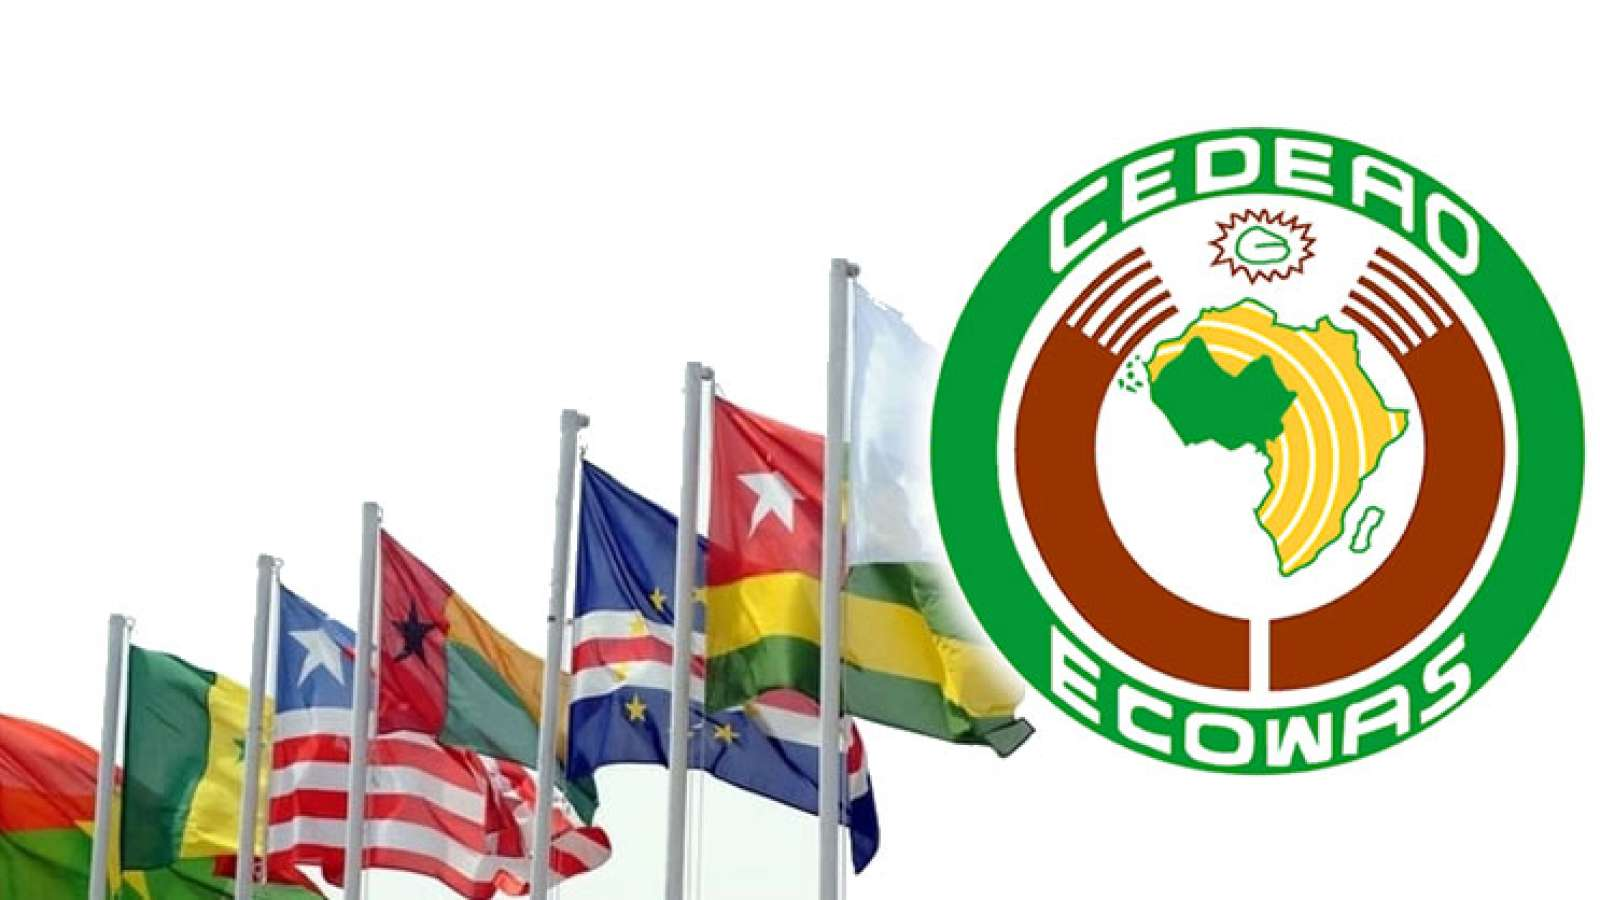 ECOWAS states yet to meet macroeconomic criteria – Economist